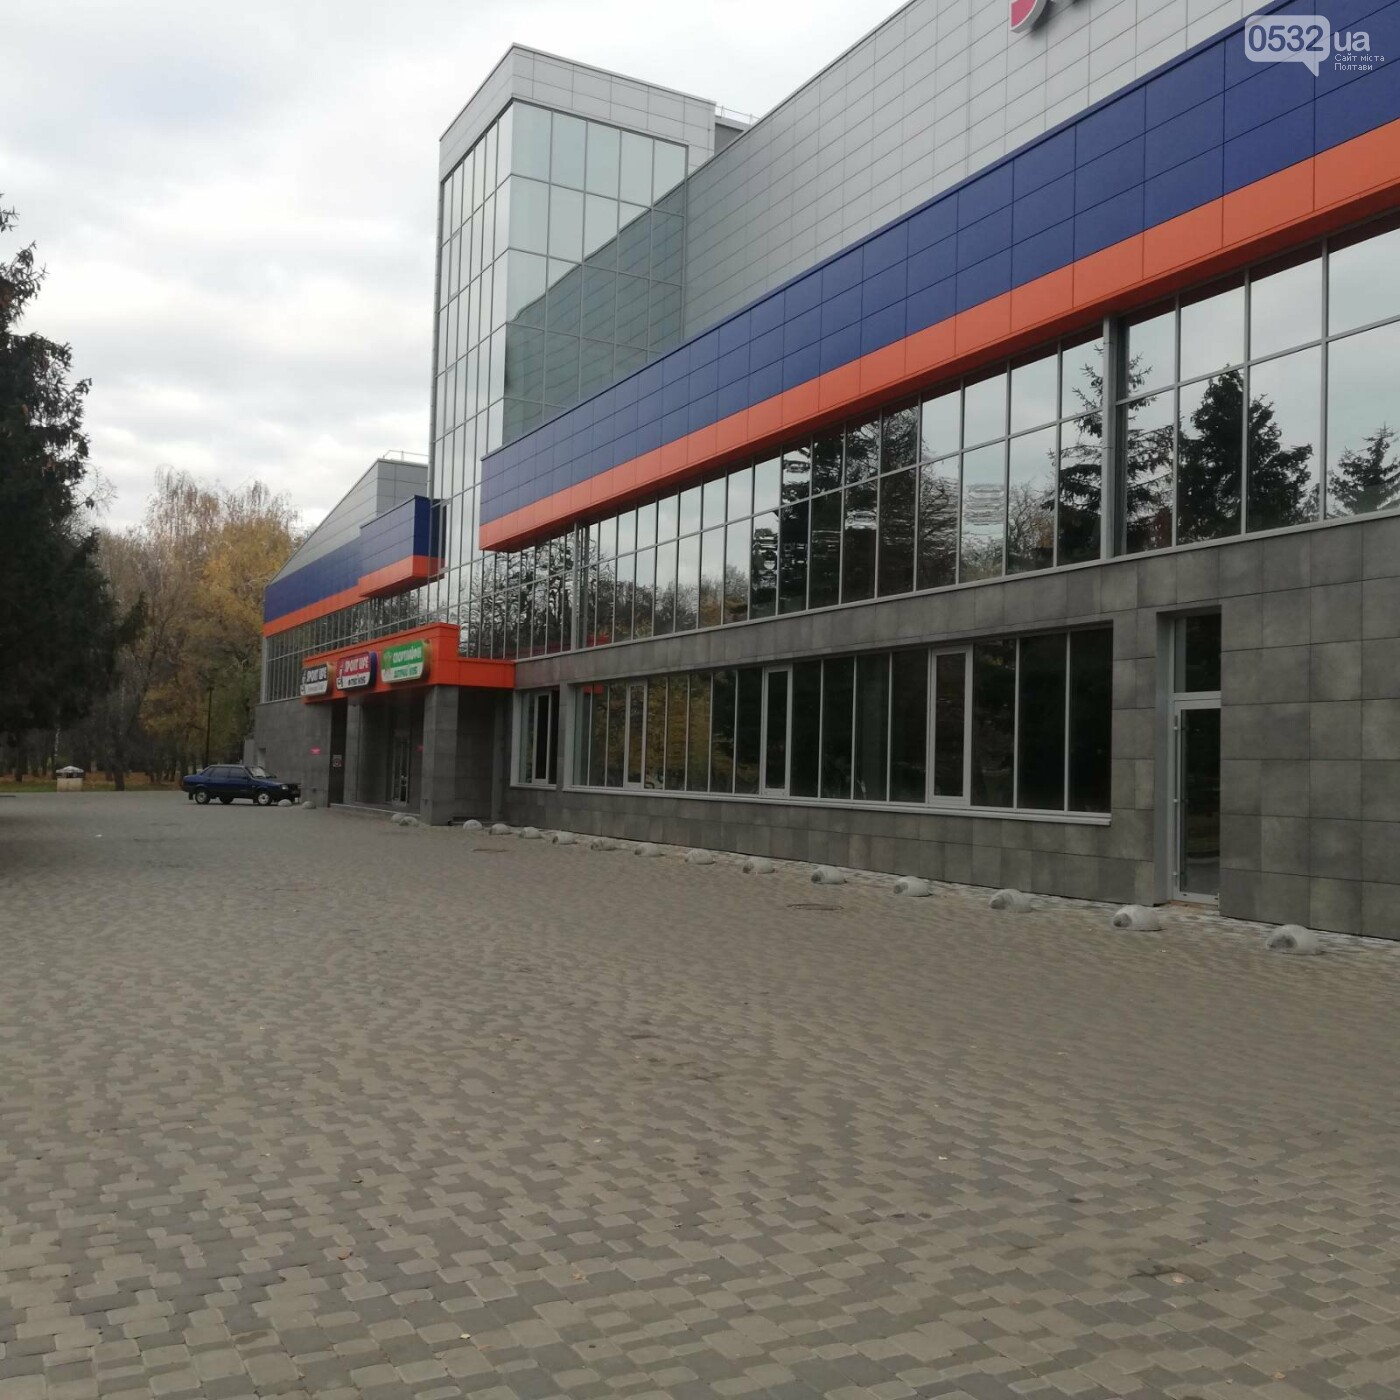 Зачинений «Епіцентр», порожні фітнес - центри – У Полтаві  карантин  вихідного дня, фото-3